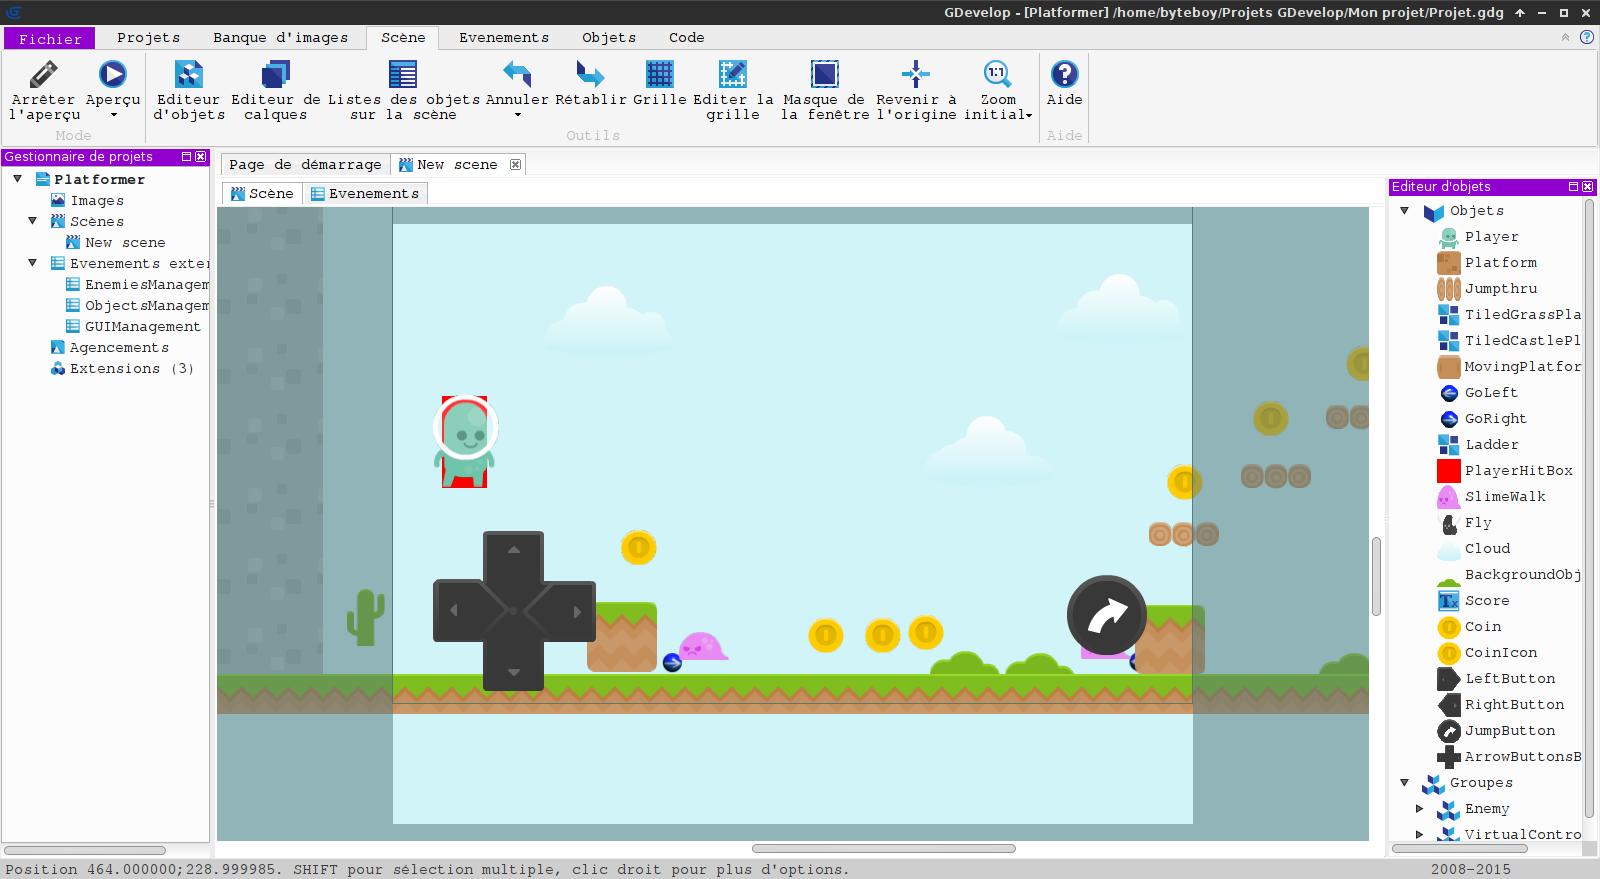 GDevelop: IDE pour créer un jeu multiplateform sans coder